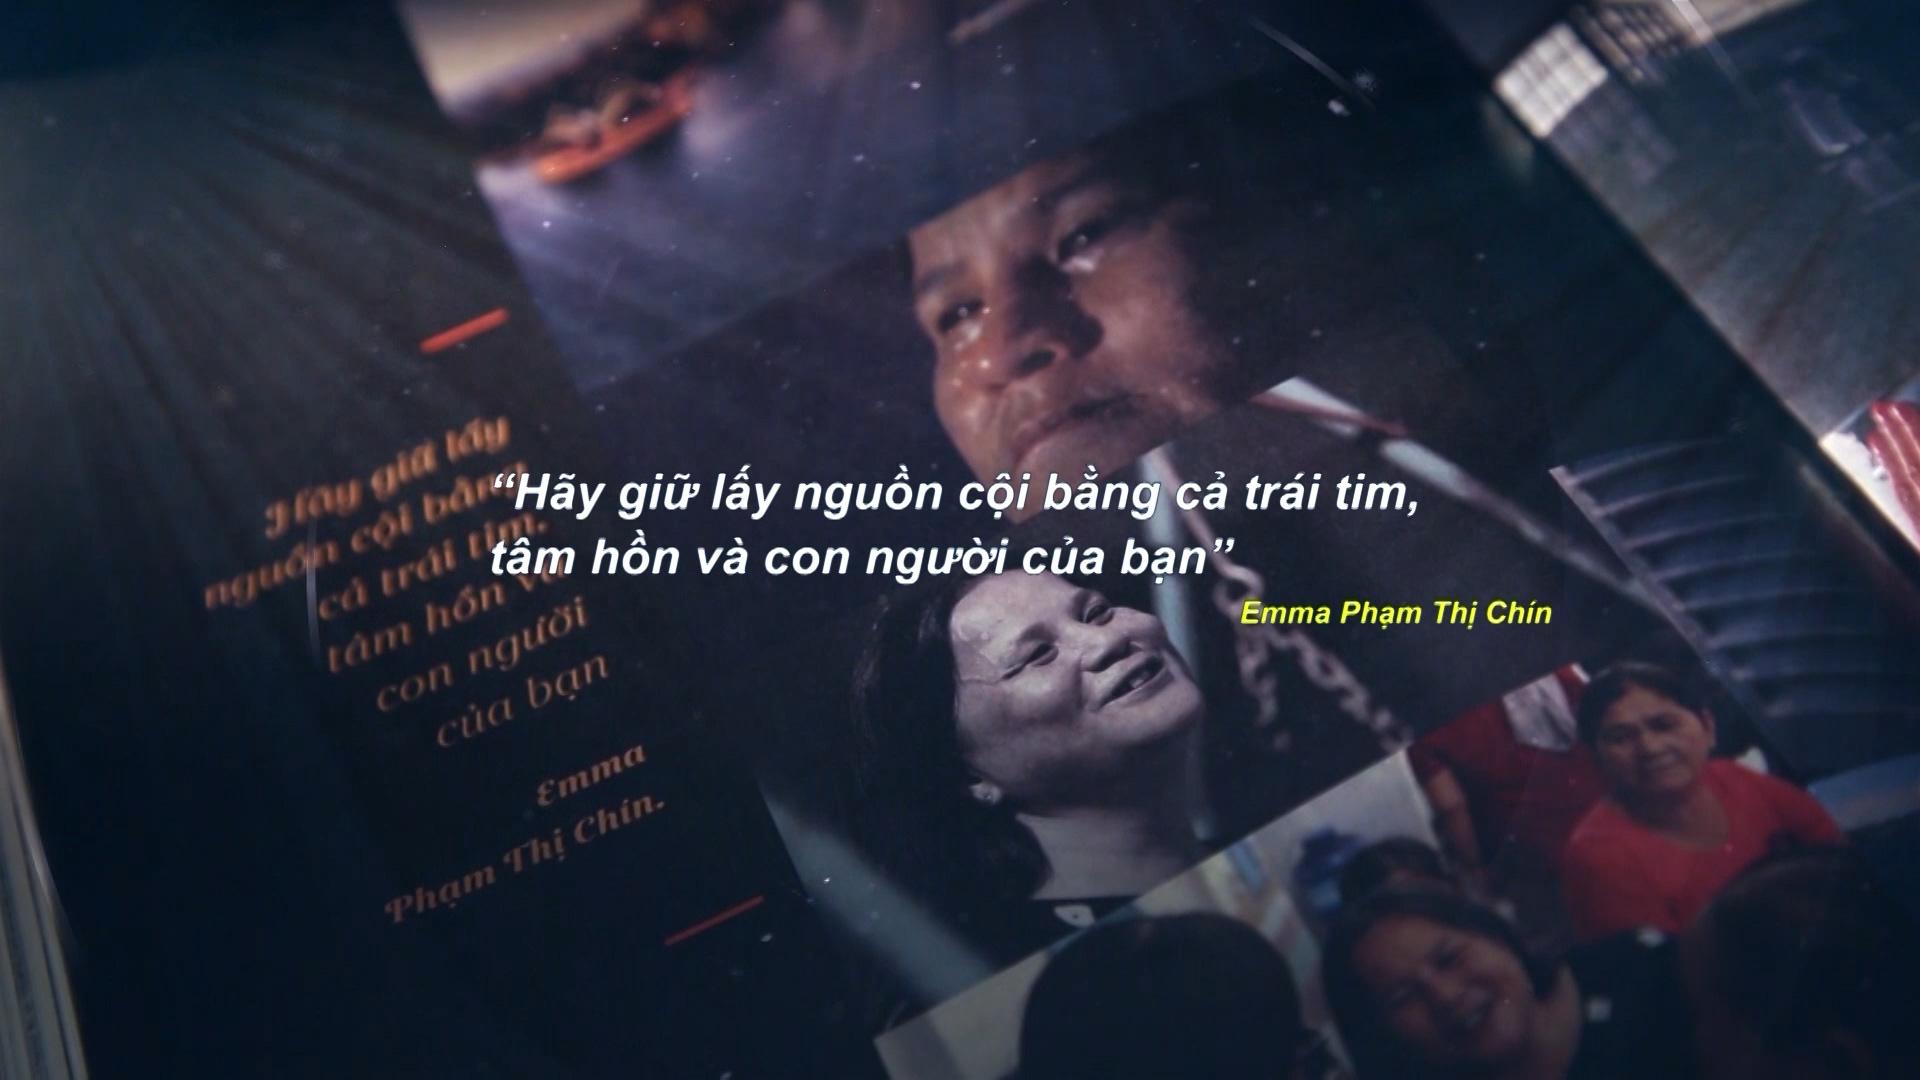 Ngày trở về năm thứ 10: Mẹ ơi con là người Việt Nam - Tiếng gọi từ sâu thẳm tâm hồn - Ảnh 5.